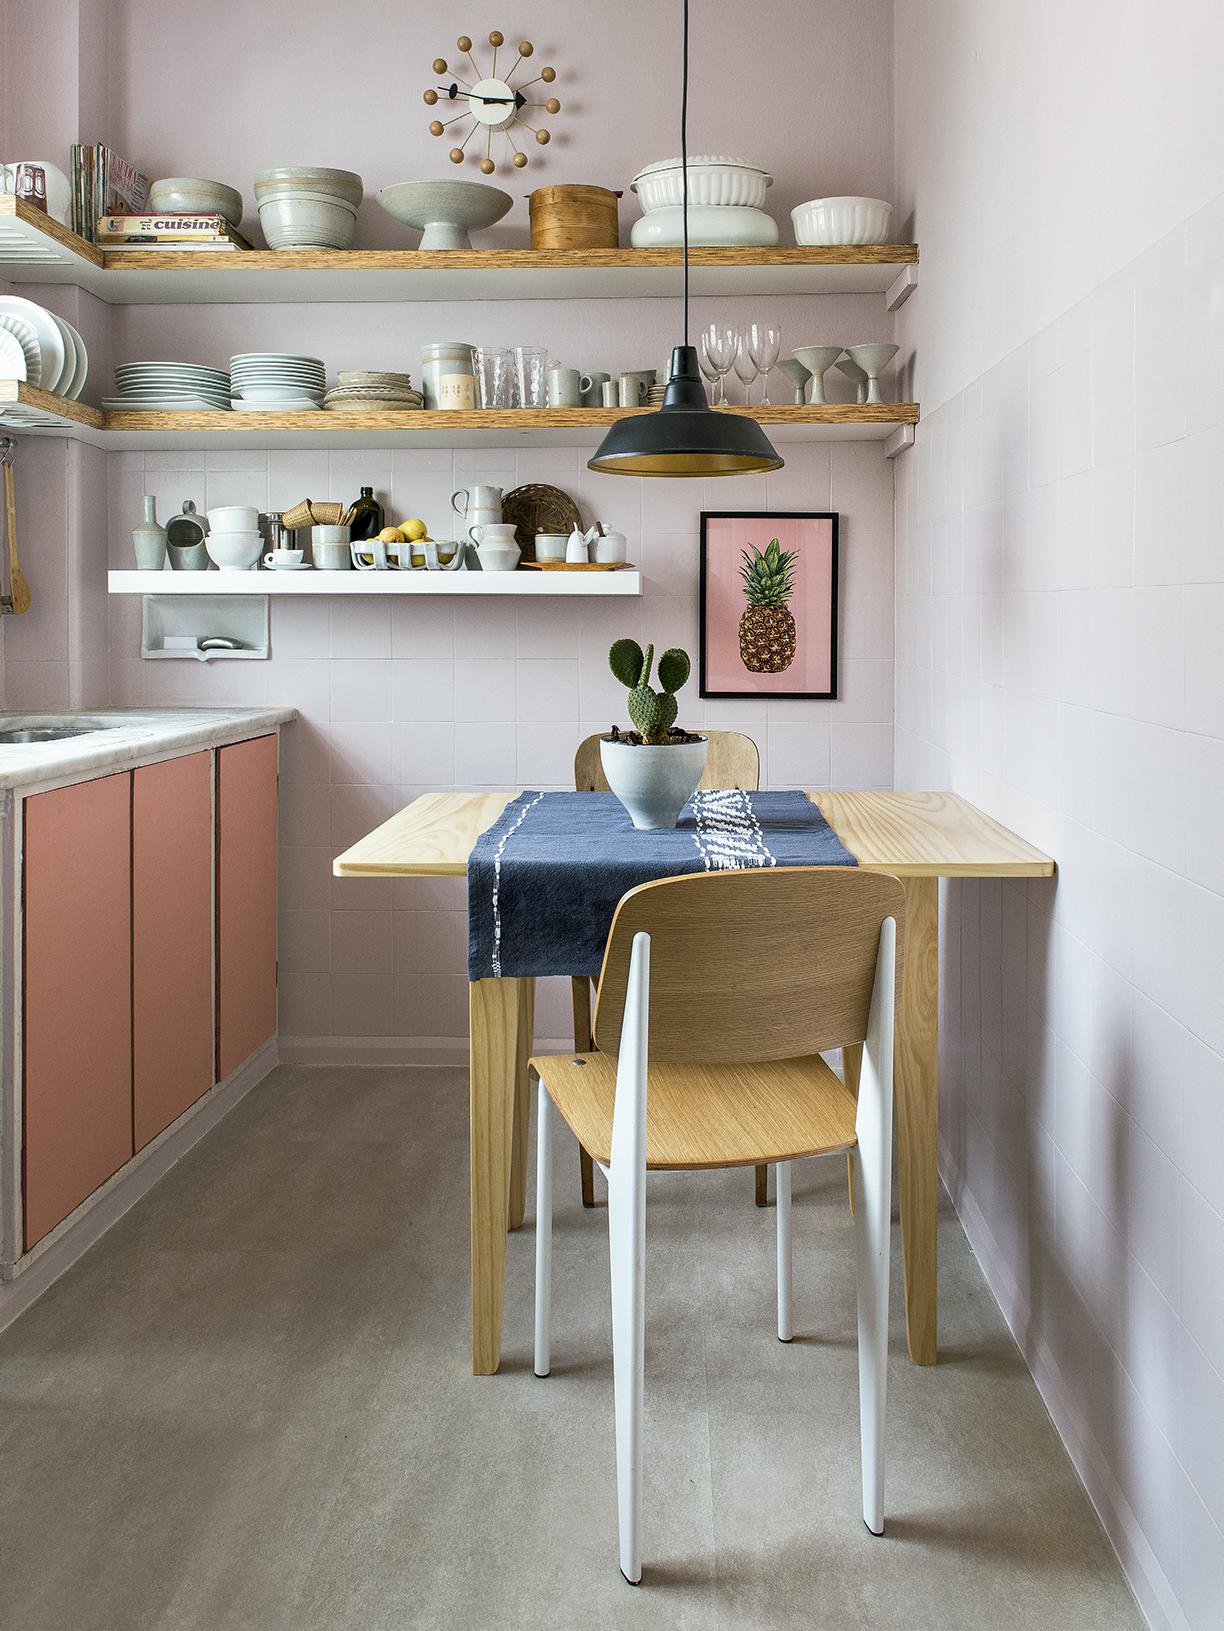 cozinha-rosa-pastel-com-azulejos-pintados